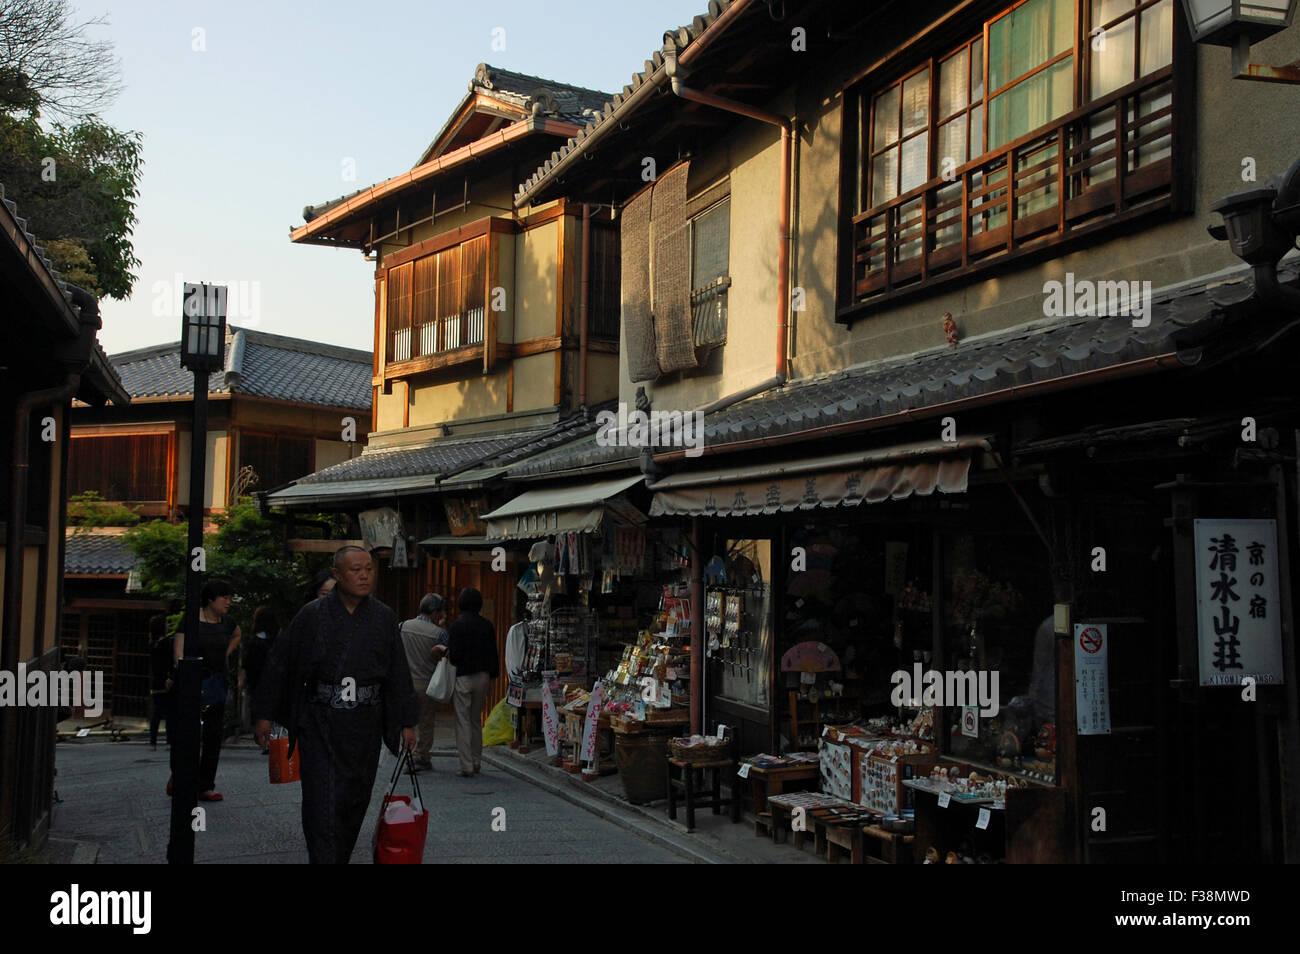 Traditionelle Japanische Häuser Aus Holz Und Souvenirläden In  Vorzüglichen Zaka, Kyoto.